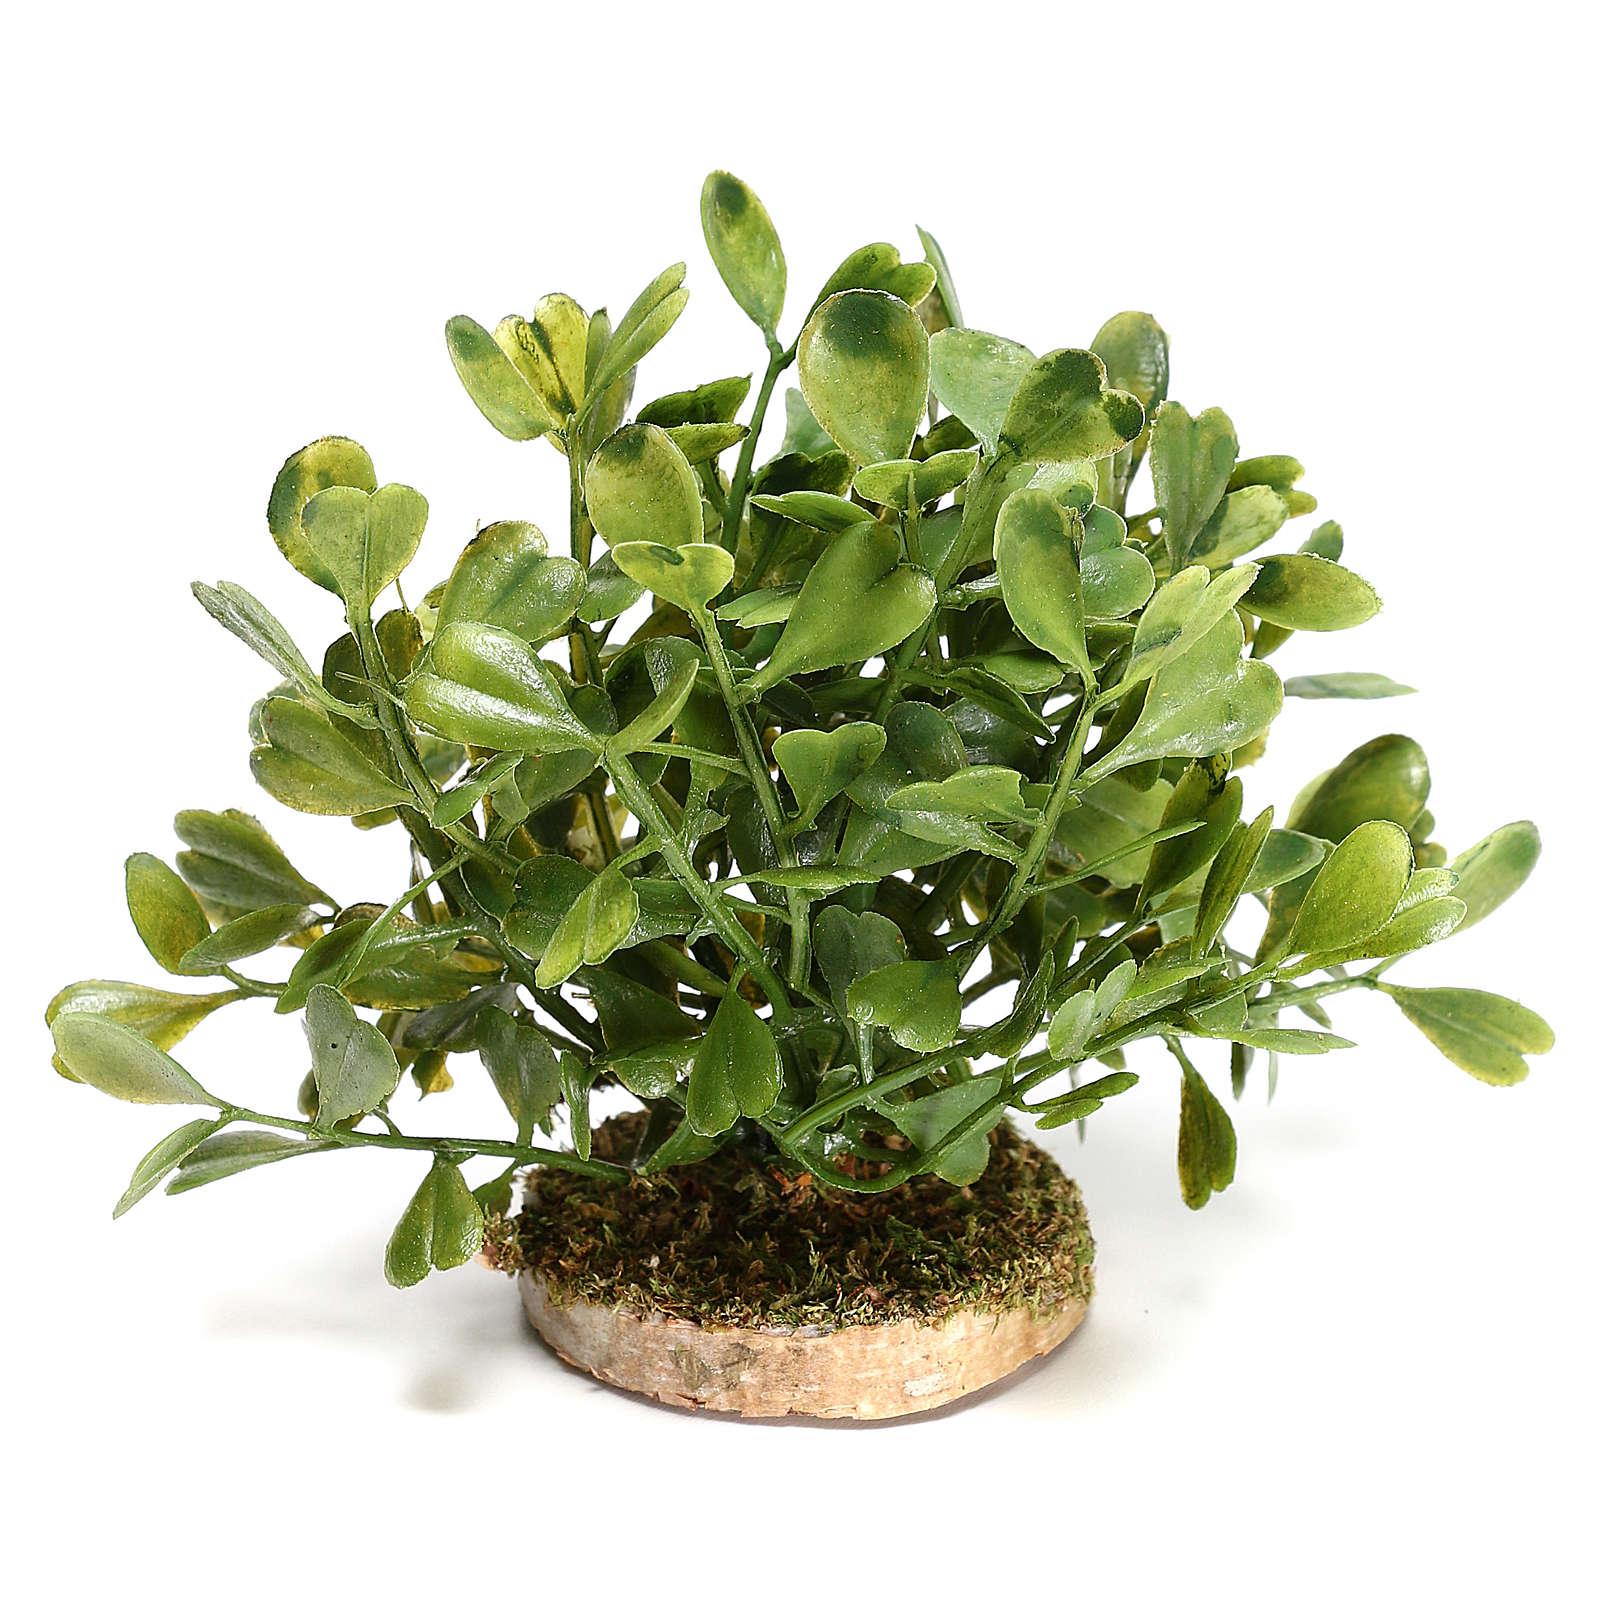 Arbusto 5x10x5 cm para bricolagem de presépio com figuras de 10-12 cm de altura média 4